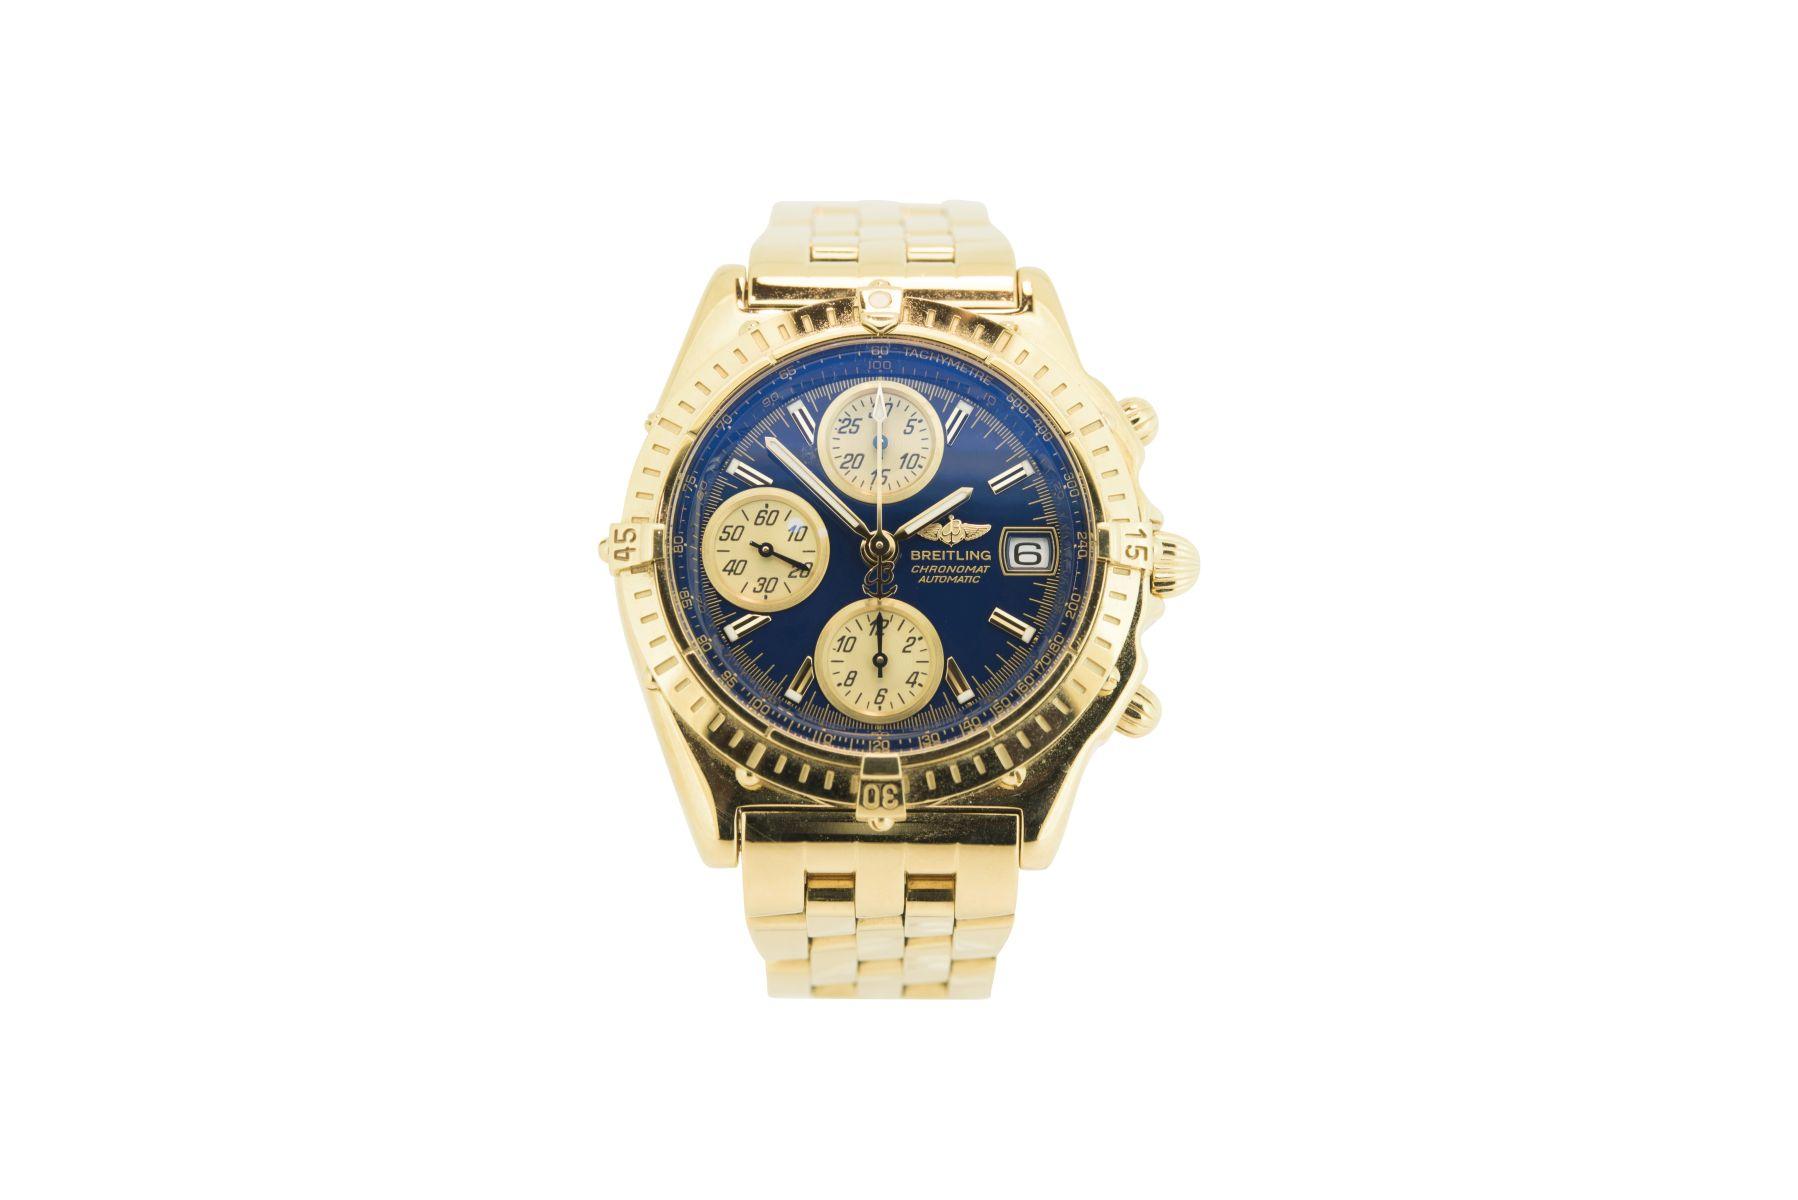 #11 Breitling Chronomat Massiv Gold 18 Kt | Breitling Chronomat Massiv Gold 18 Kt Image